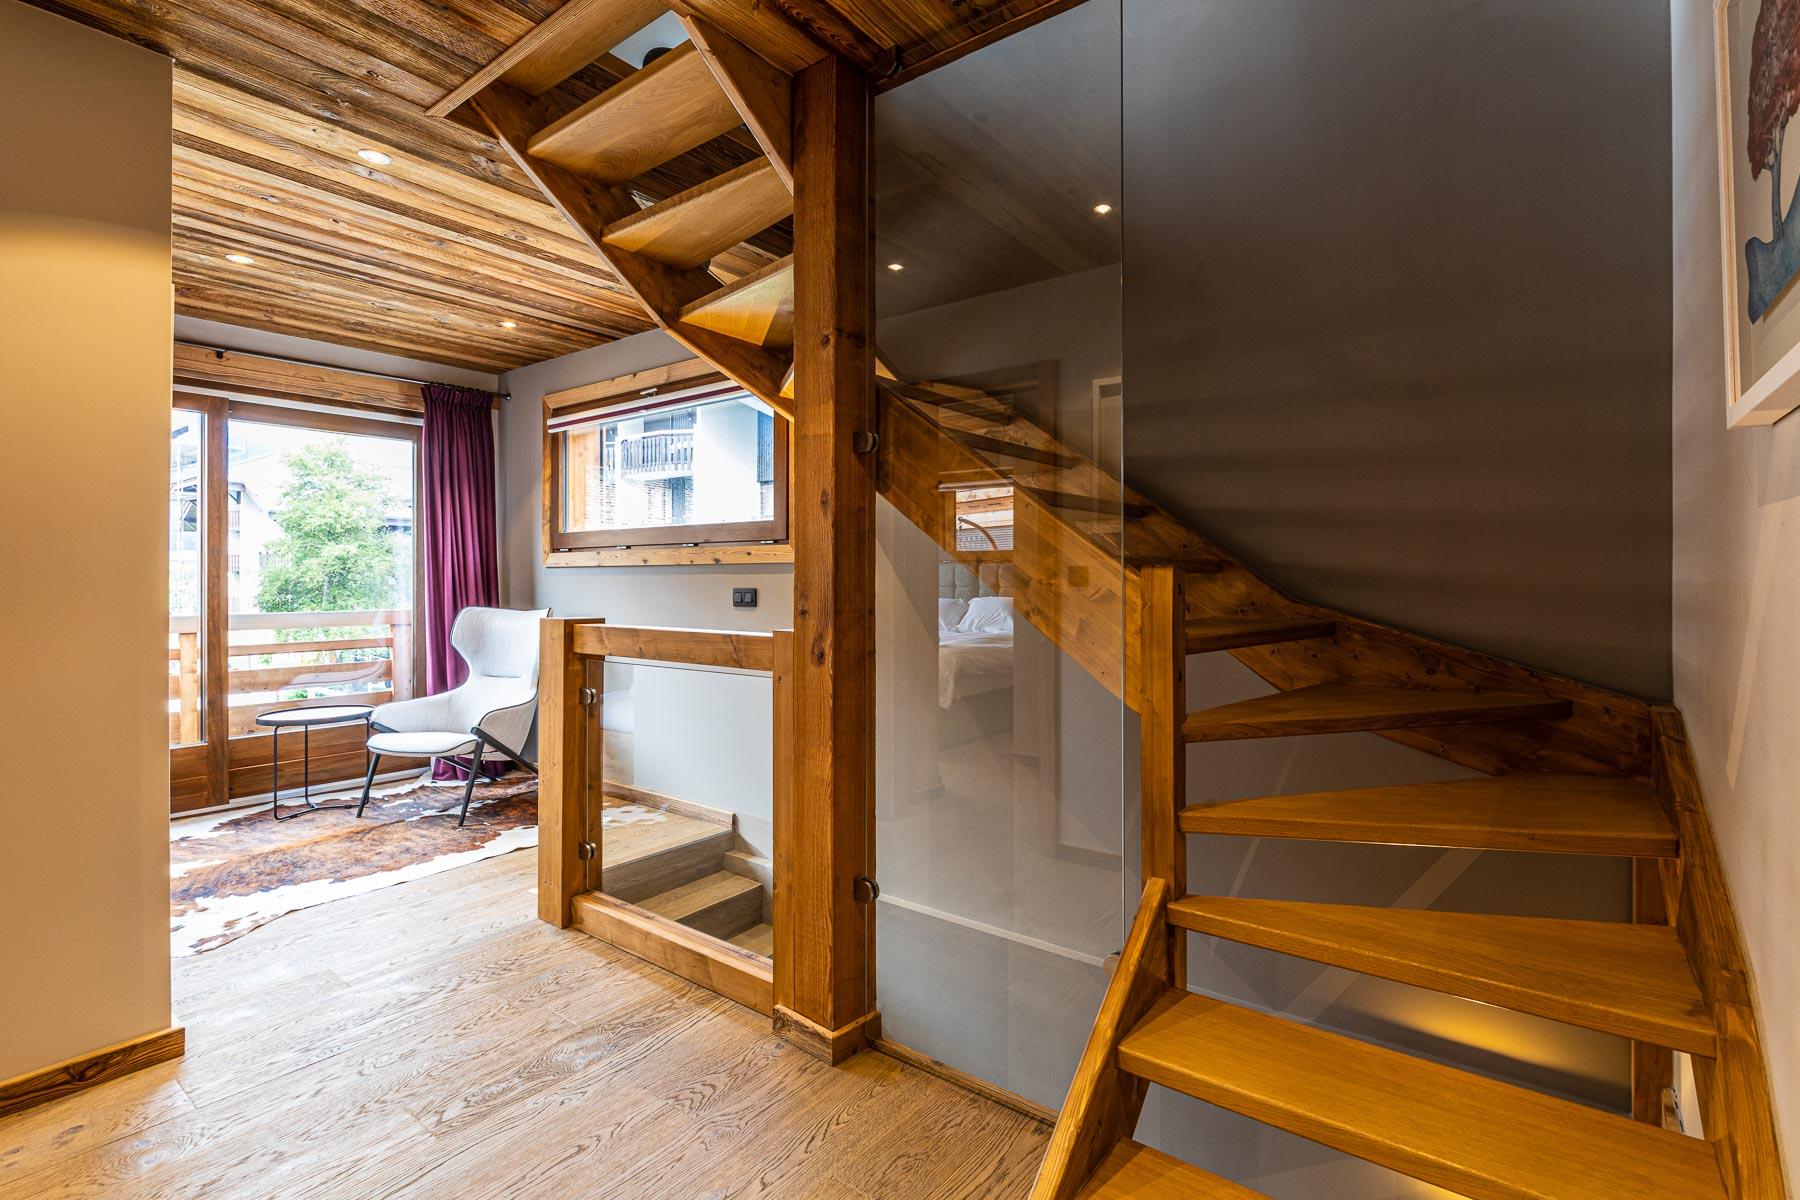 Kterra 1 Stairwell